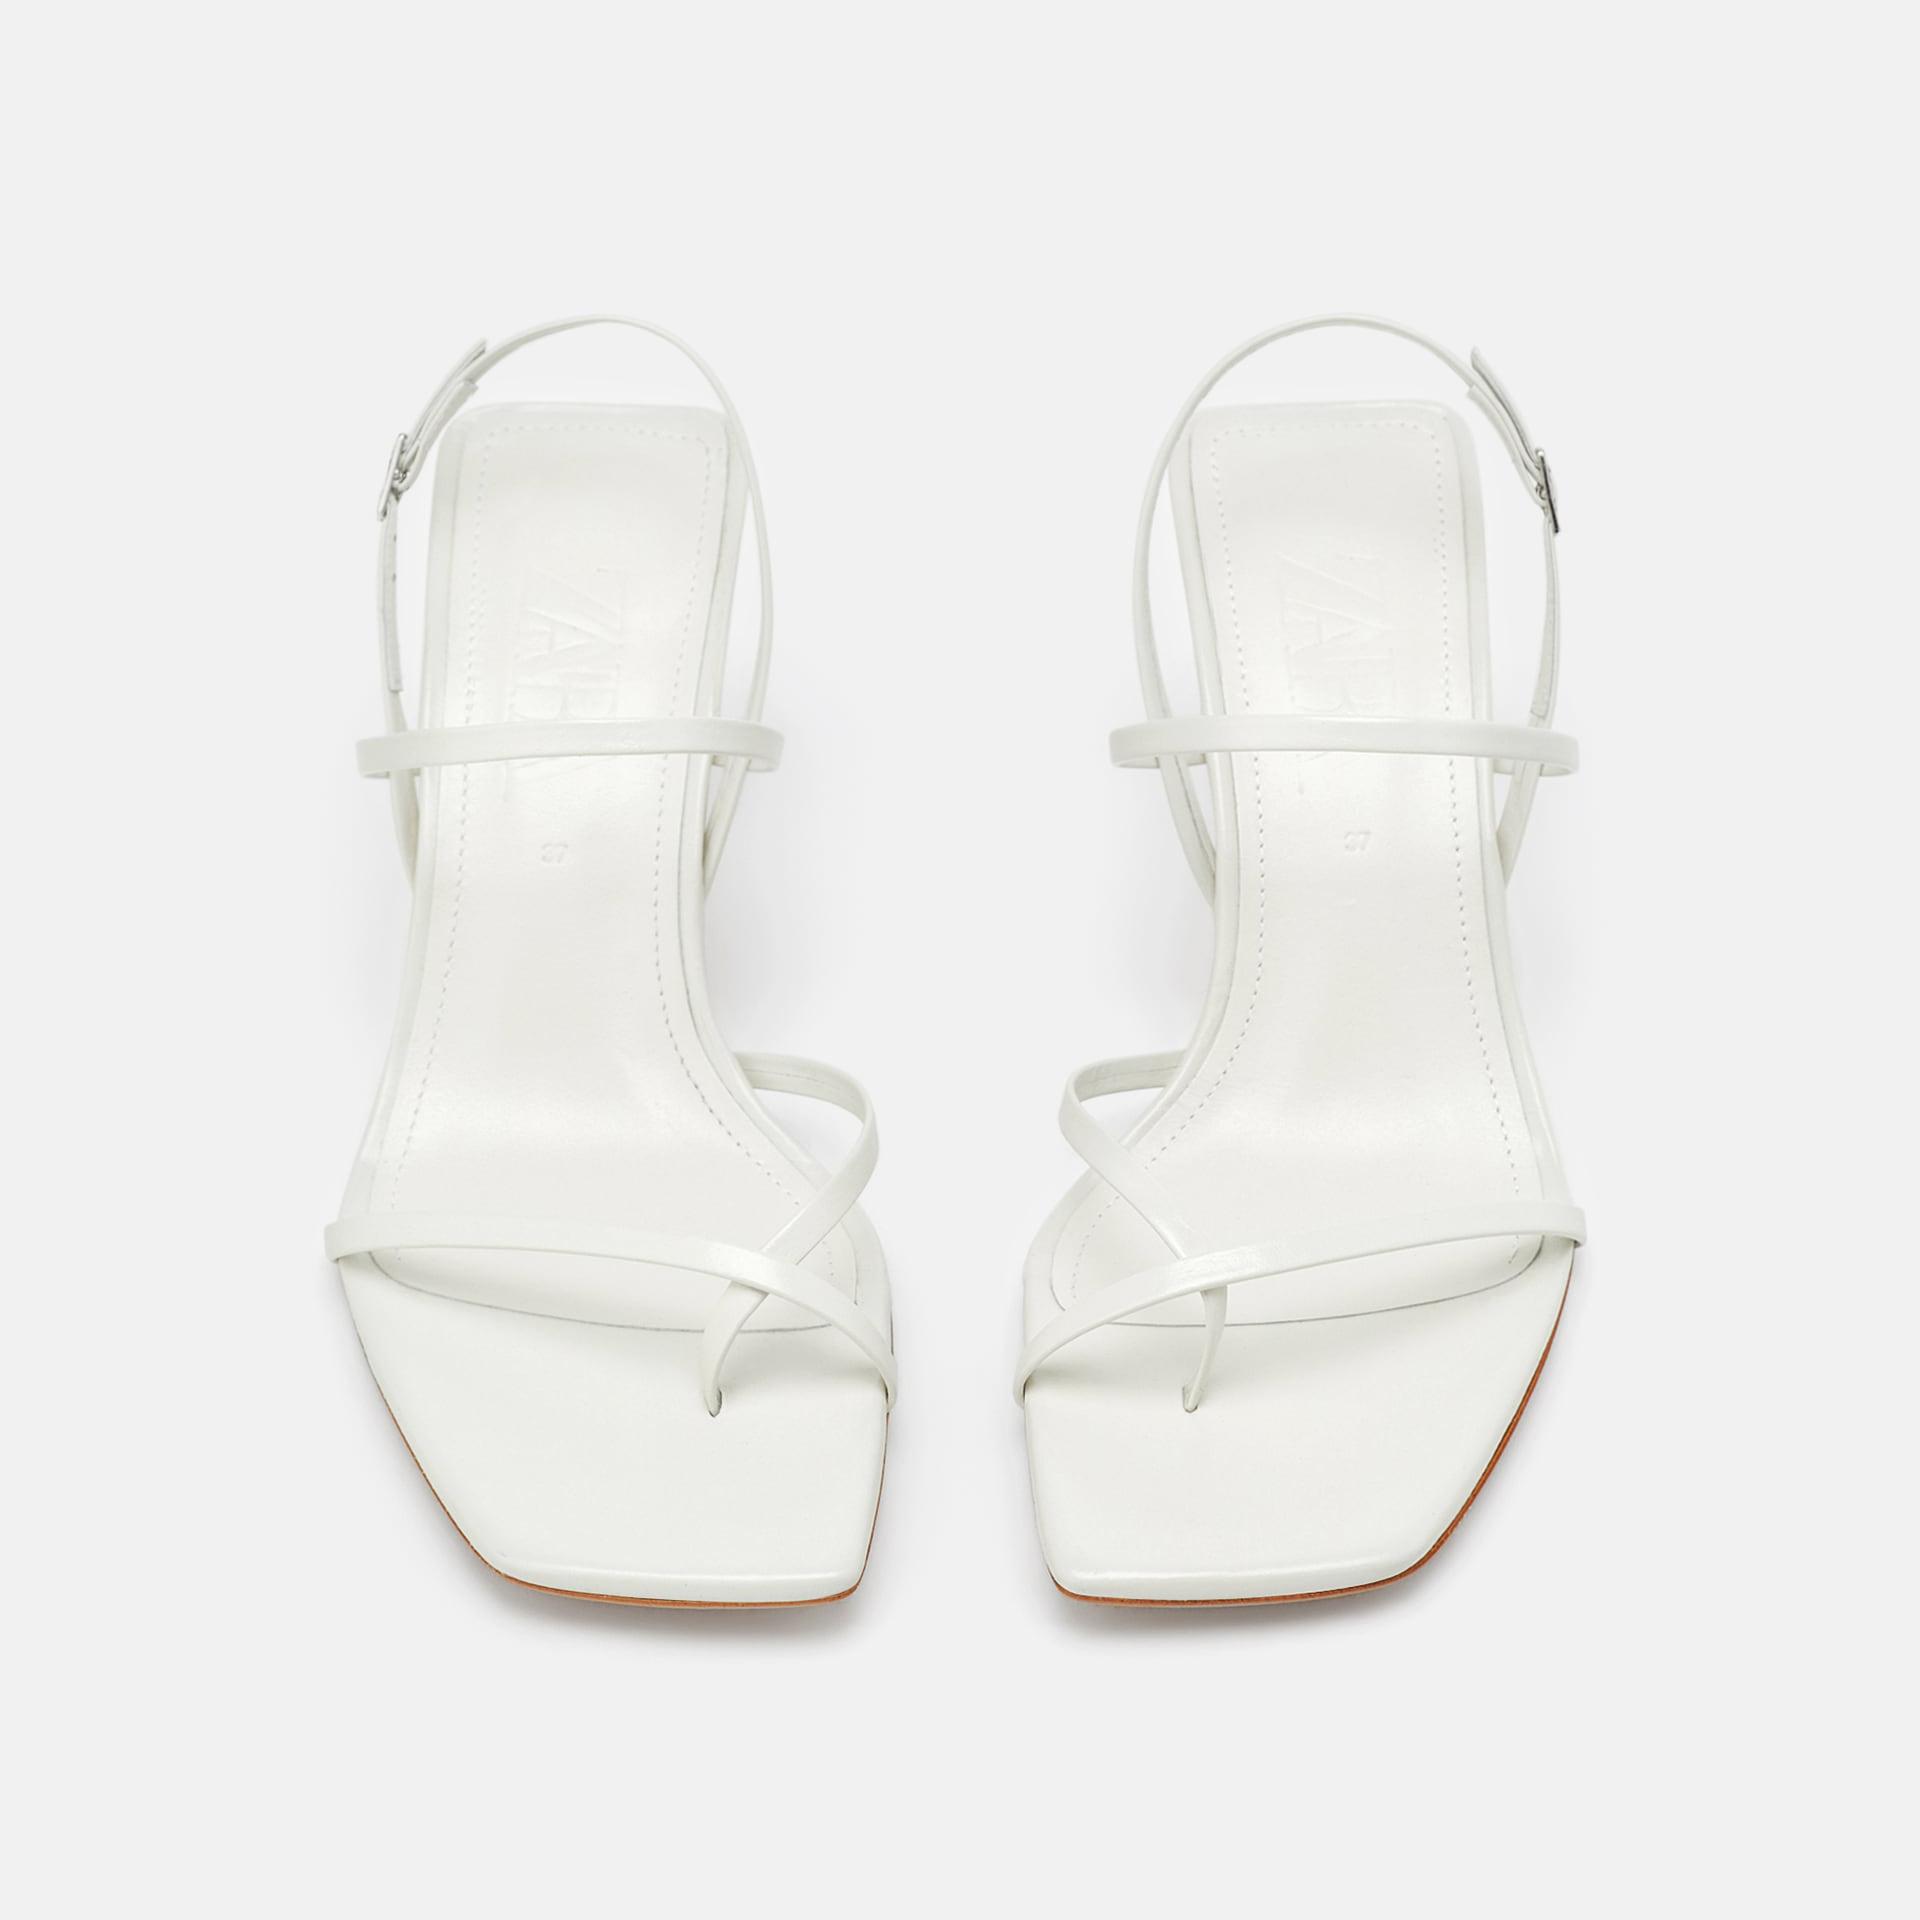 zara-sandalheals